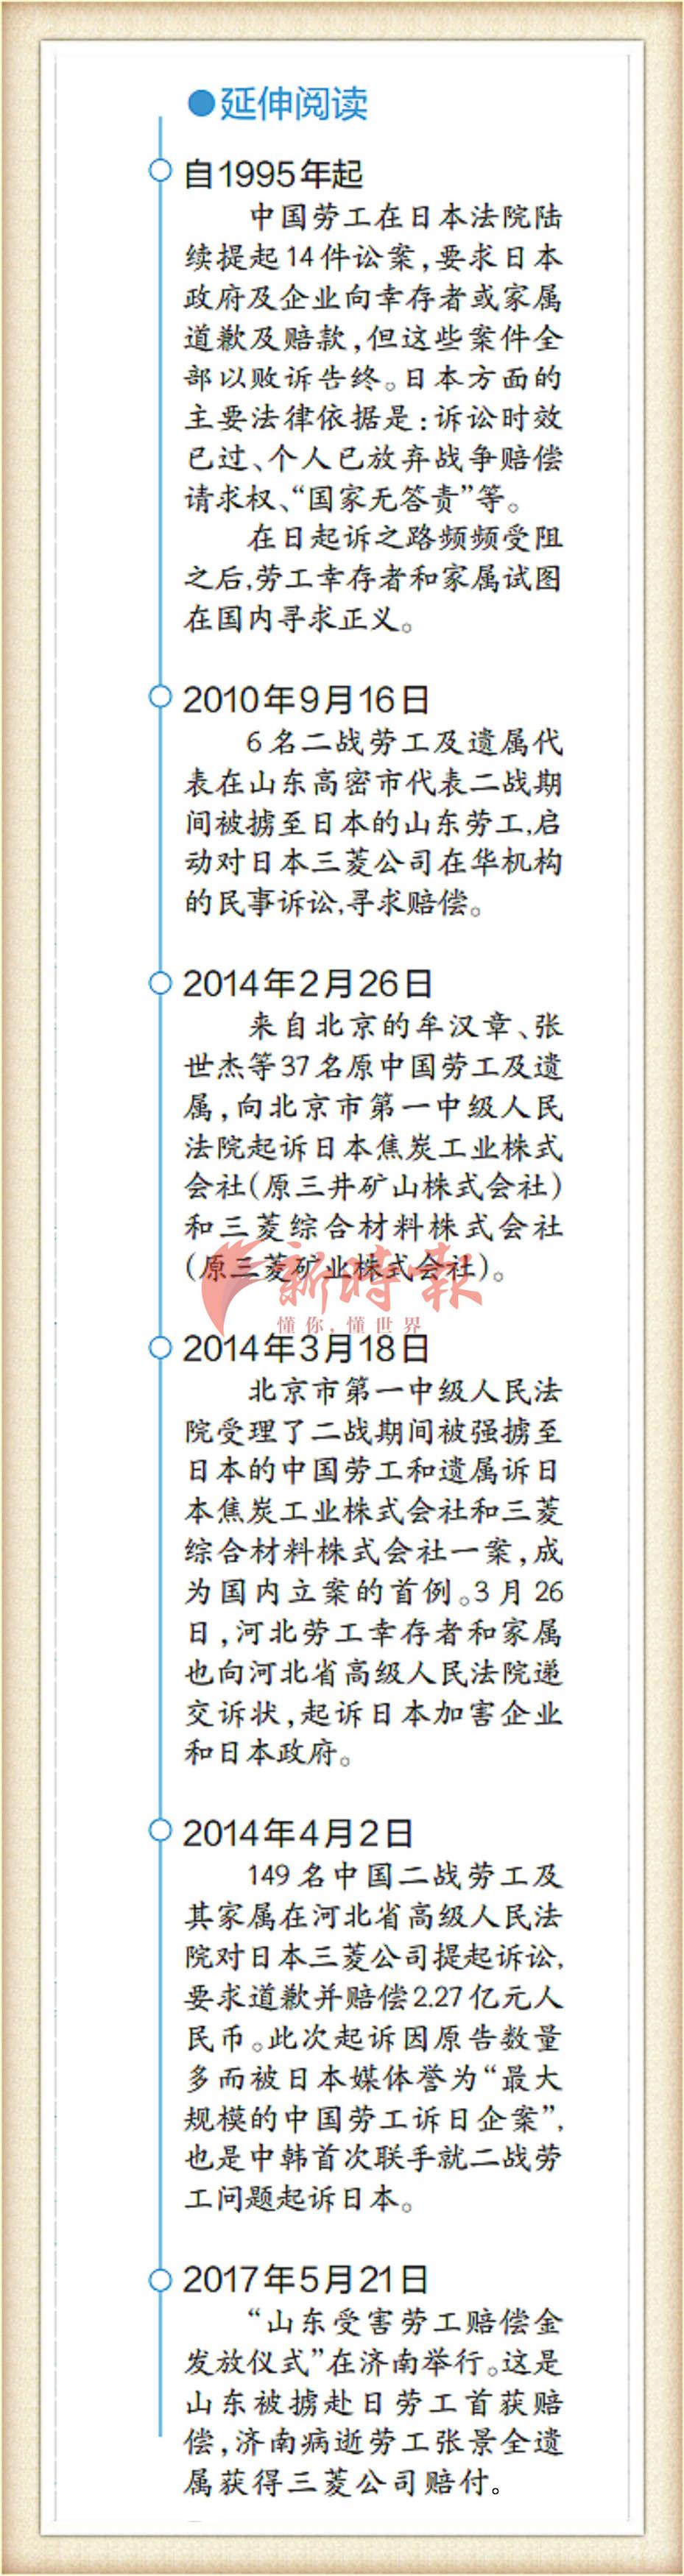 中国被掳劳工对日诉讼索赔取得重大进展